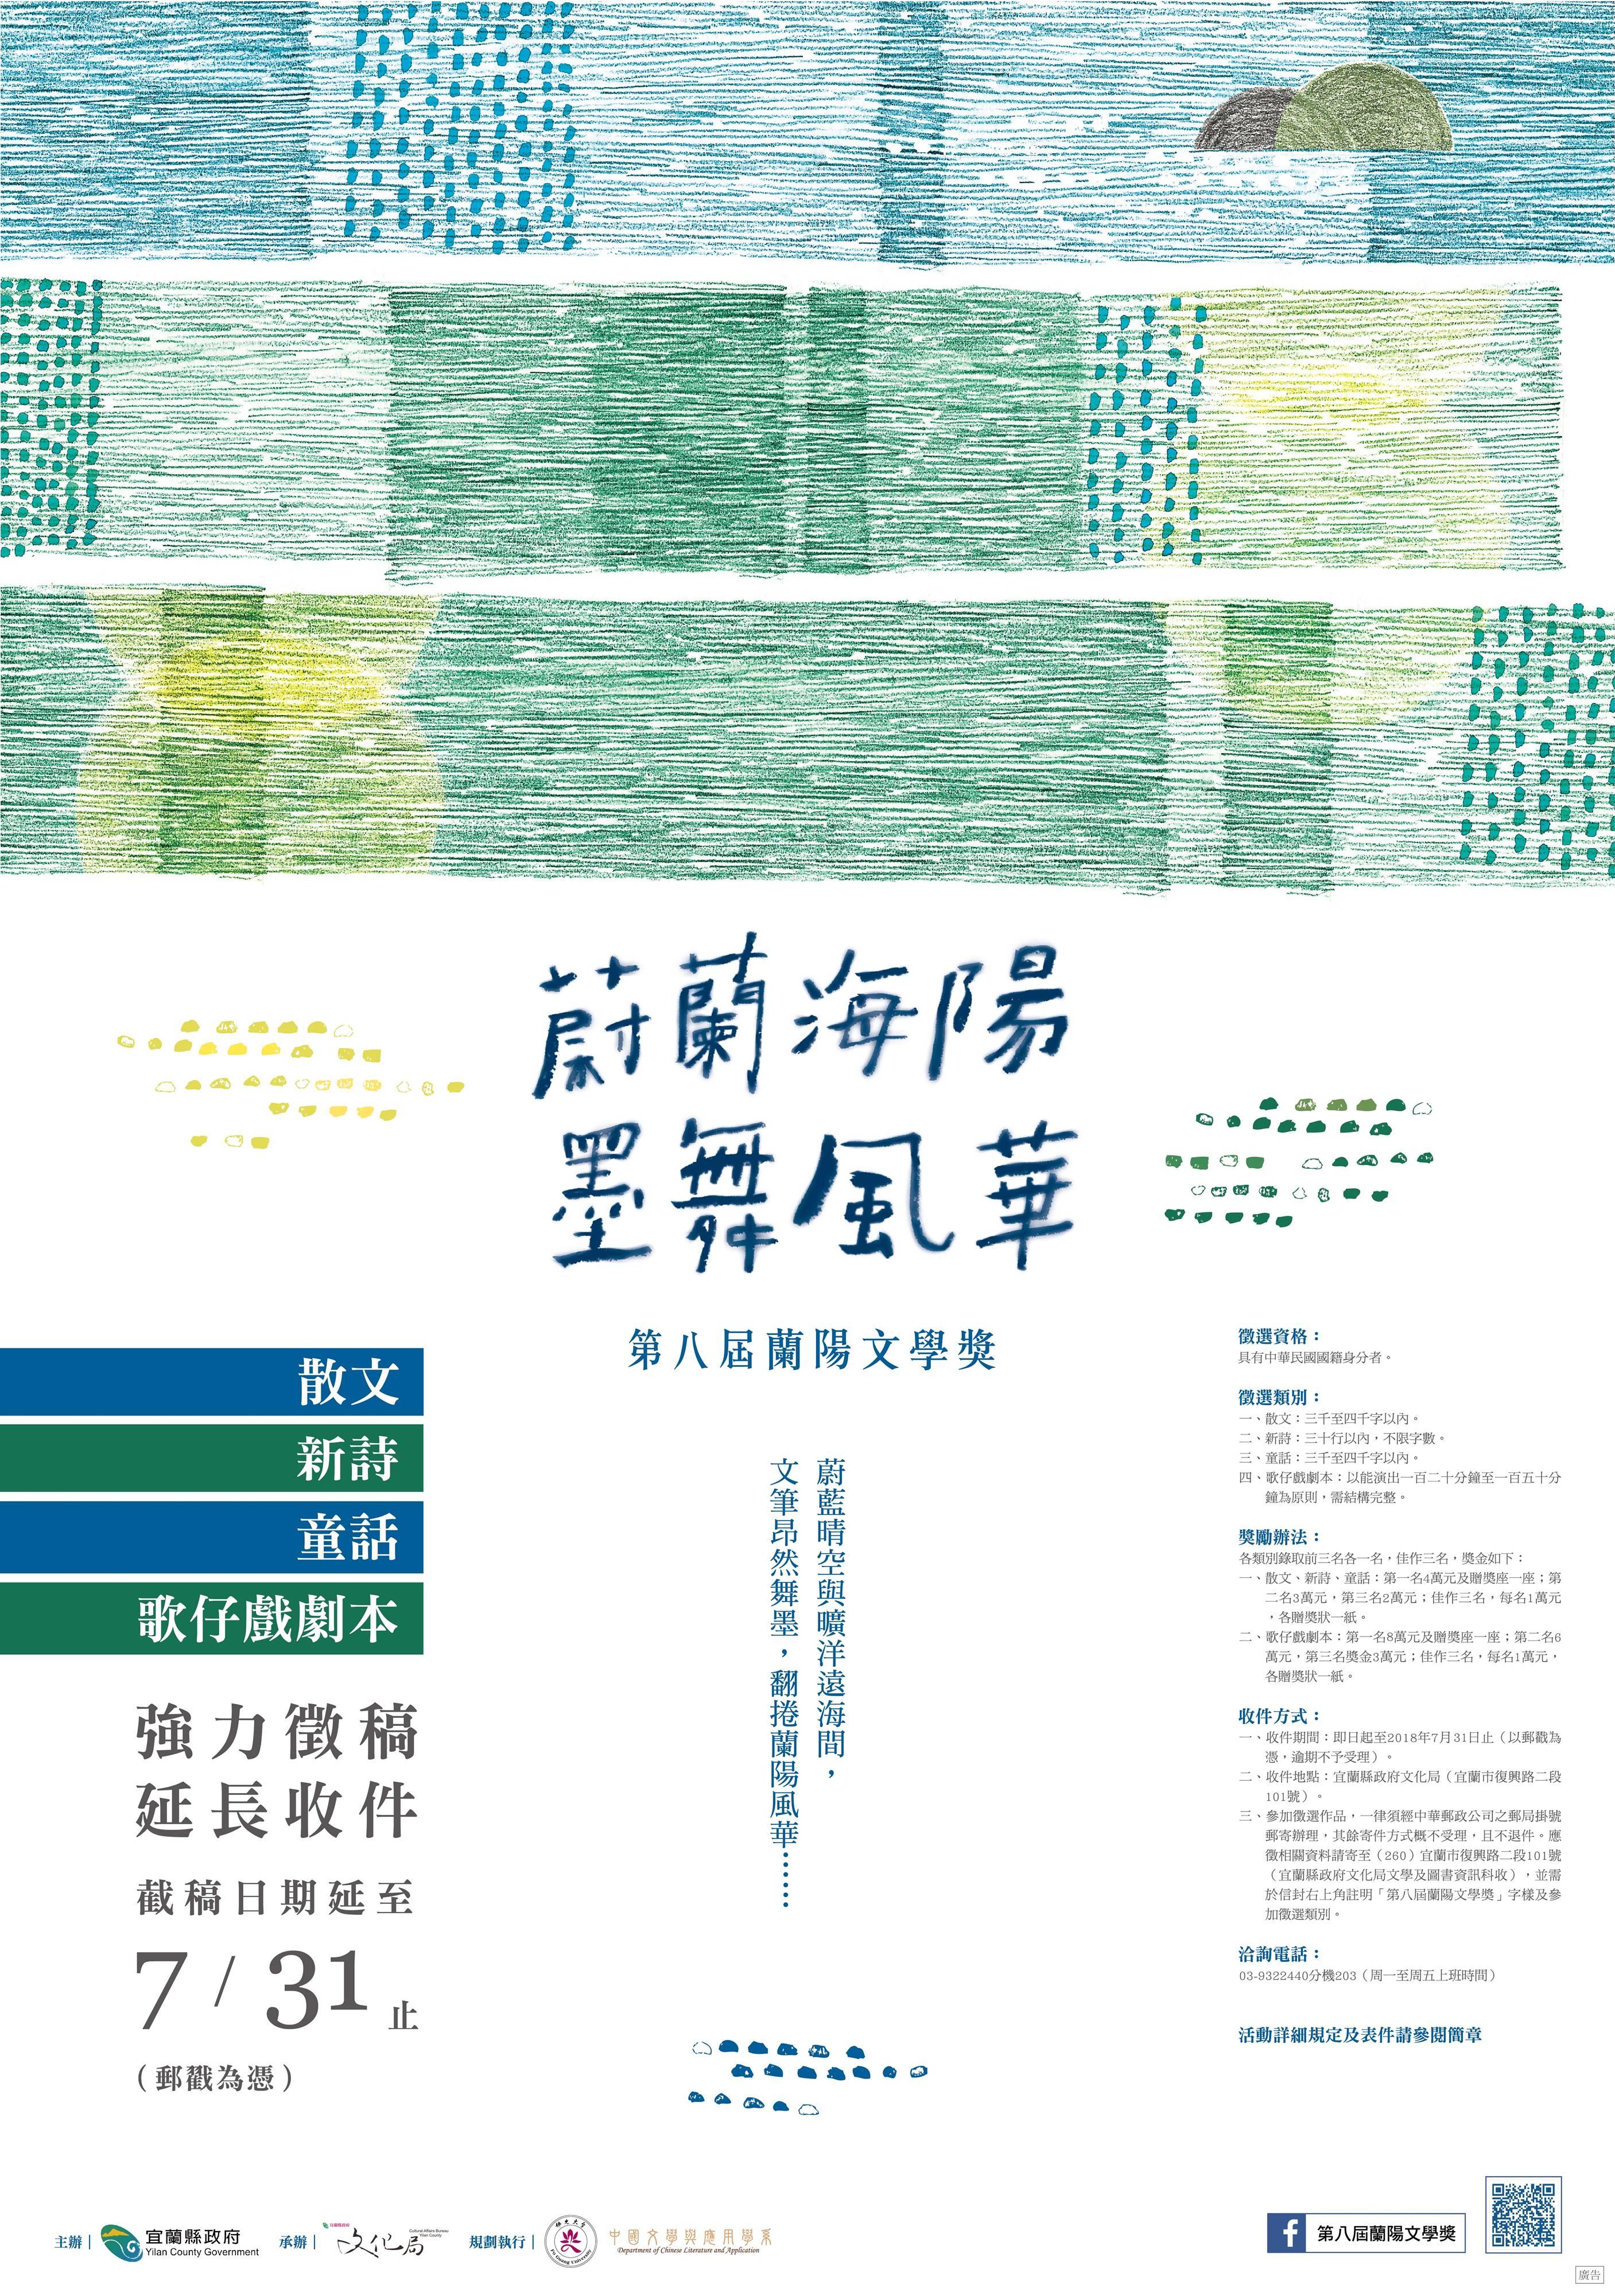 海報_蘭陽文學獎延長收件至0731